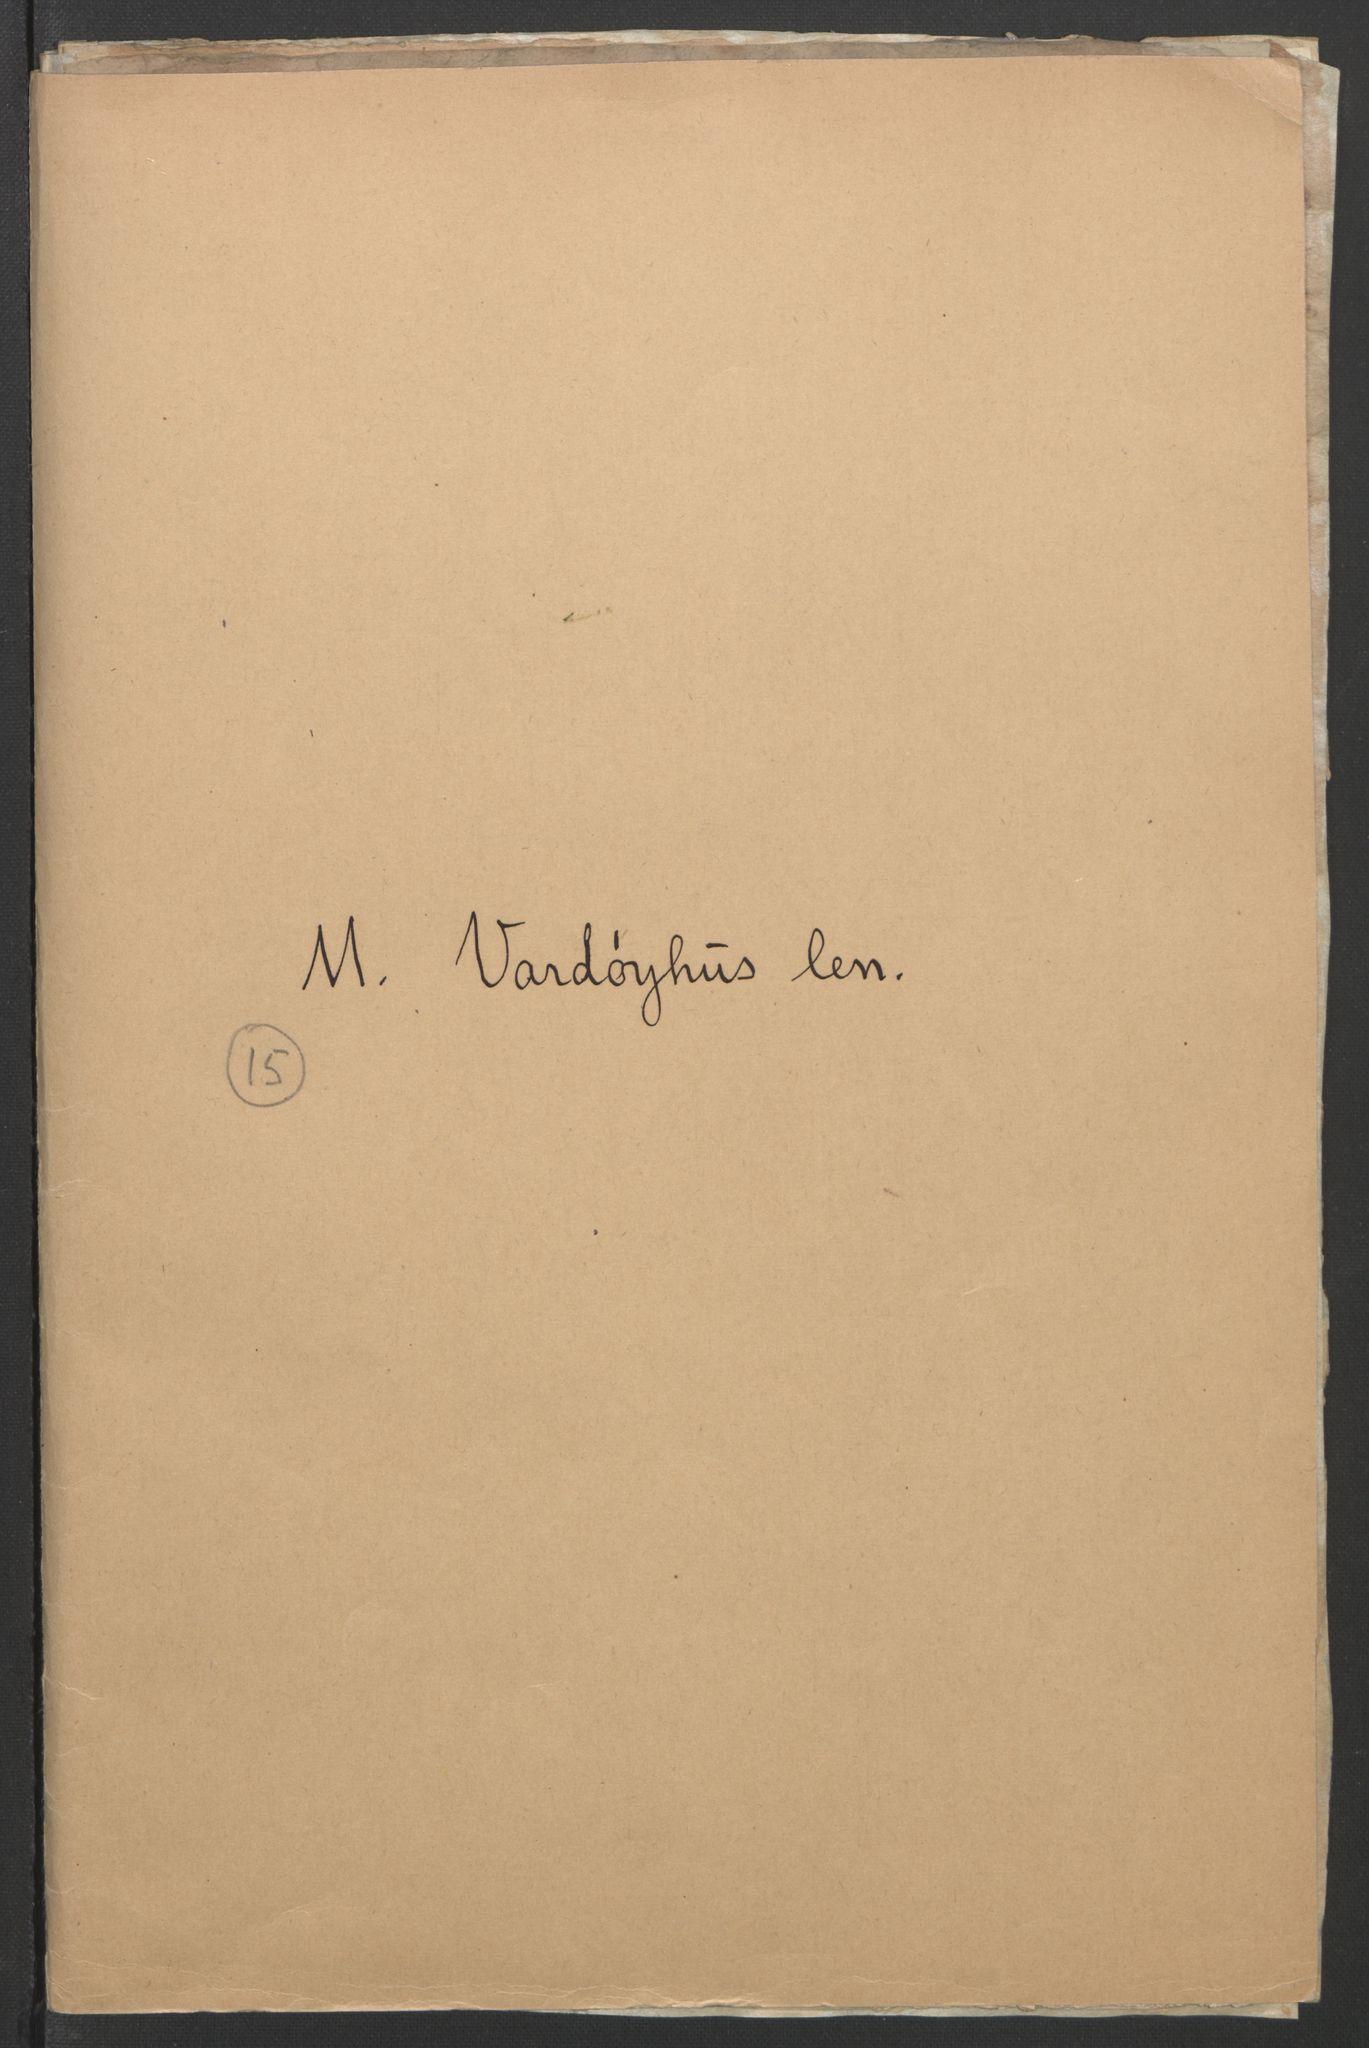 RA, Stattholderembetet 1572-1771, Ek/L0006: Jordebøker til utlikning av garnisonsskatt 1624-1626:, 1626, s. 2